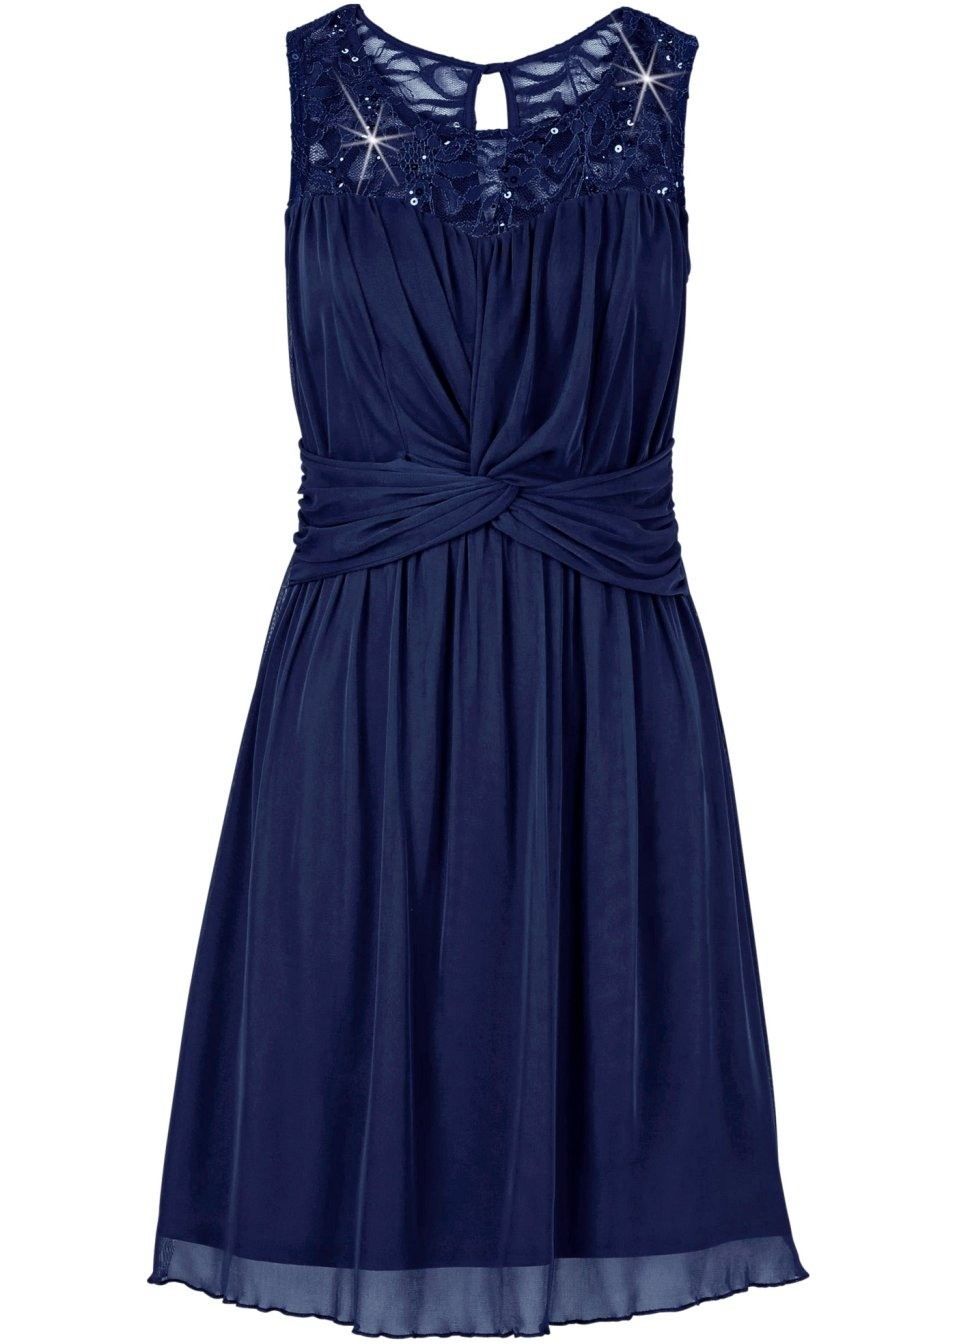 15 Perfekt Kleid Spitze Hellblau Bester Preis17 Fantastisch Kleid Spitze Hellblau Bester Preis